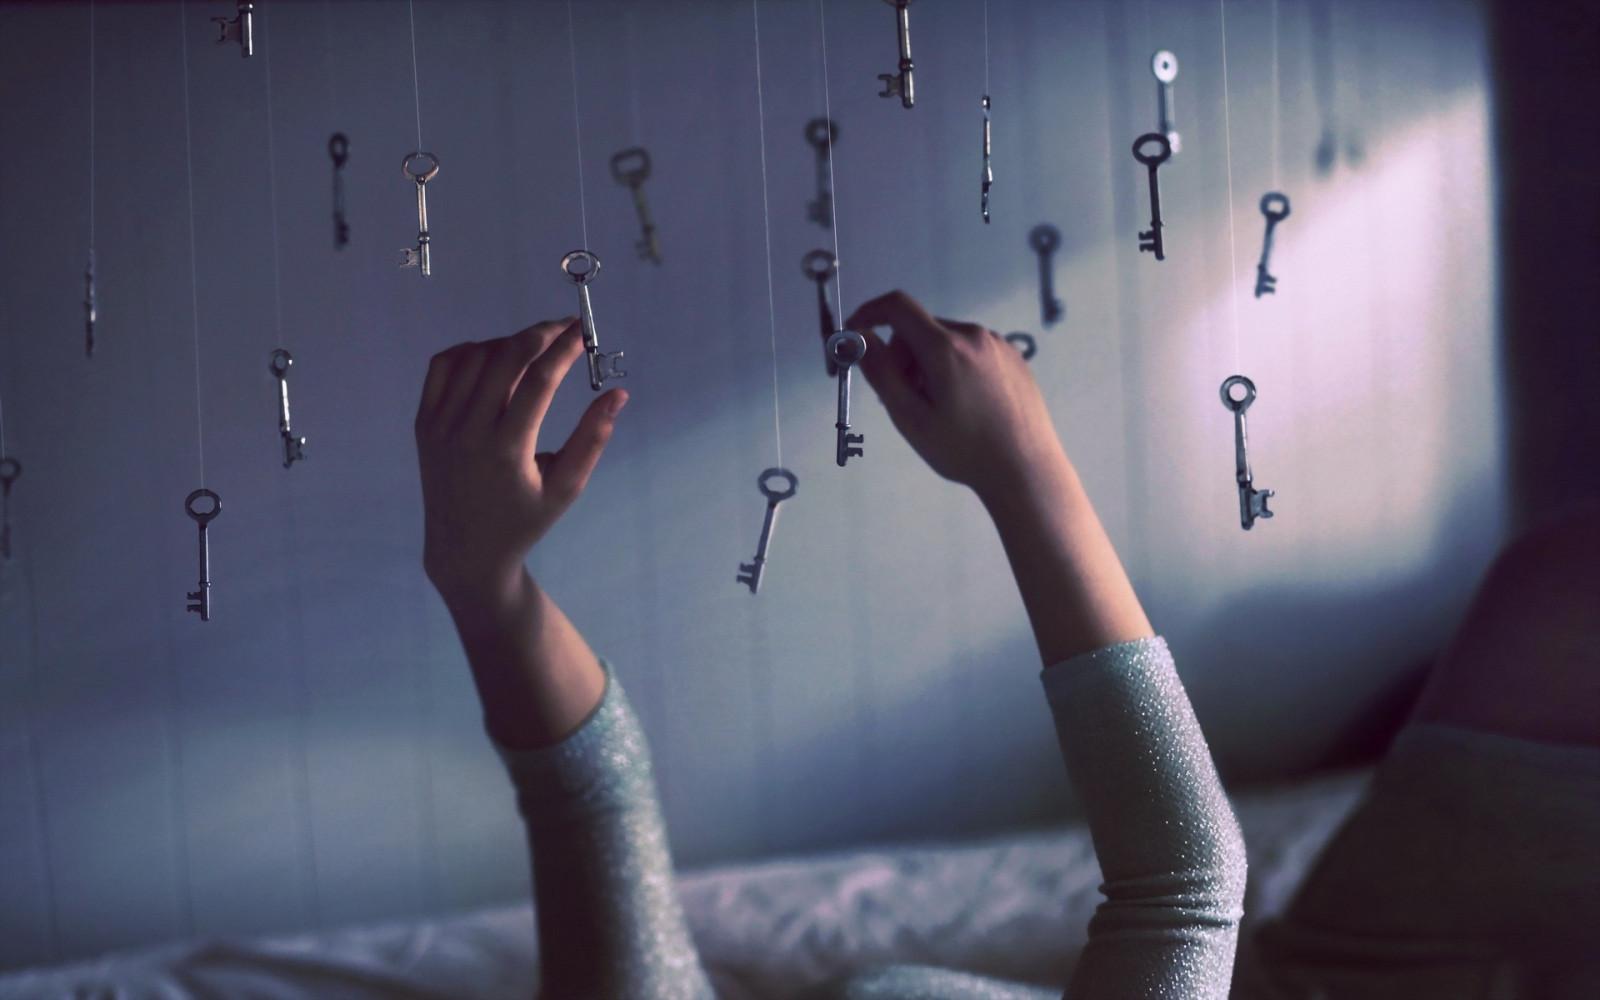 Сонник Рассматривать свои руки. К чему снится Рассматривать свои руки 26